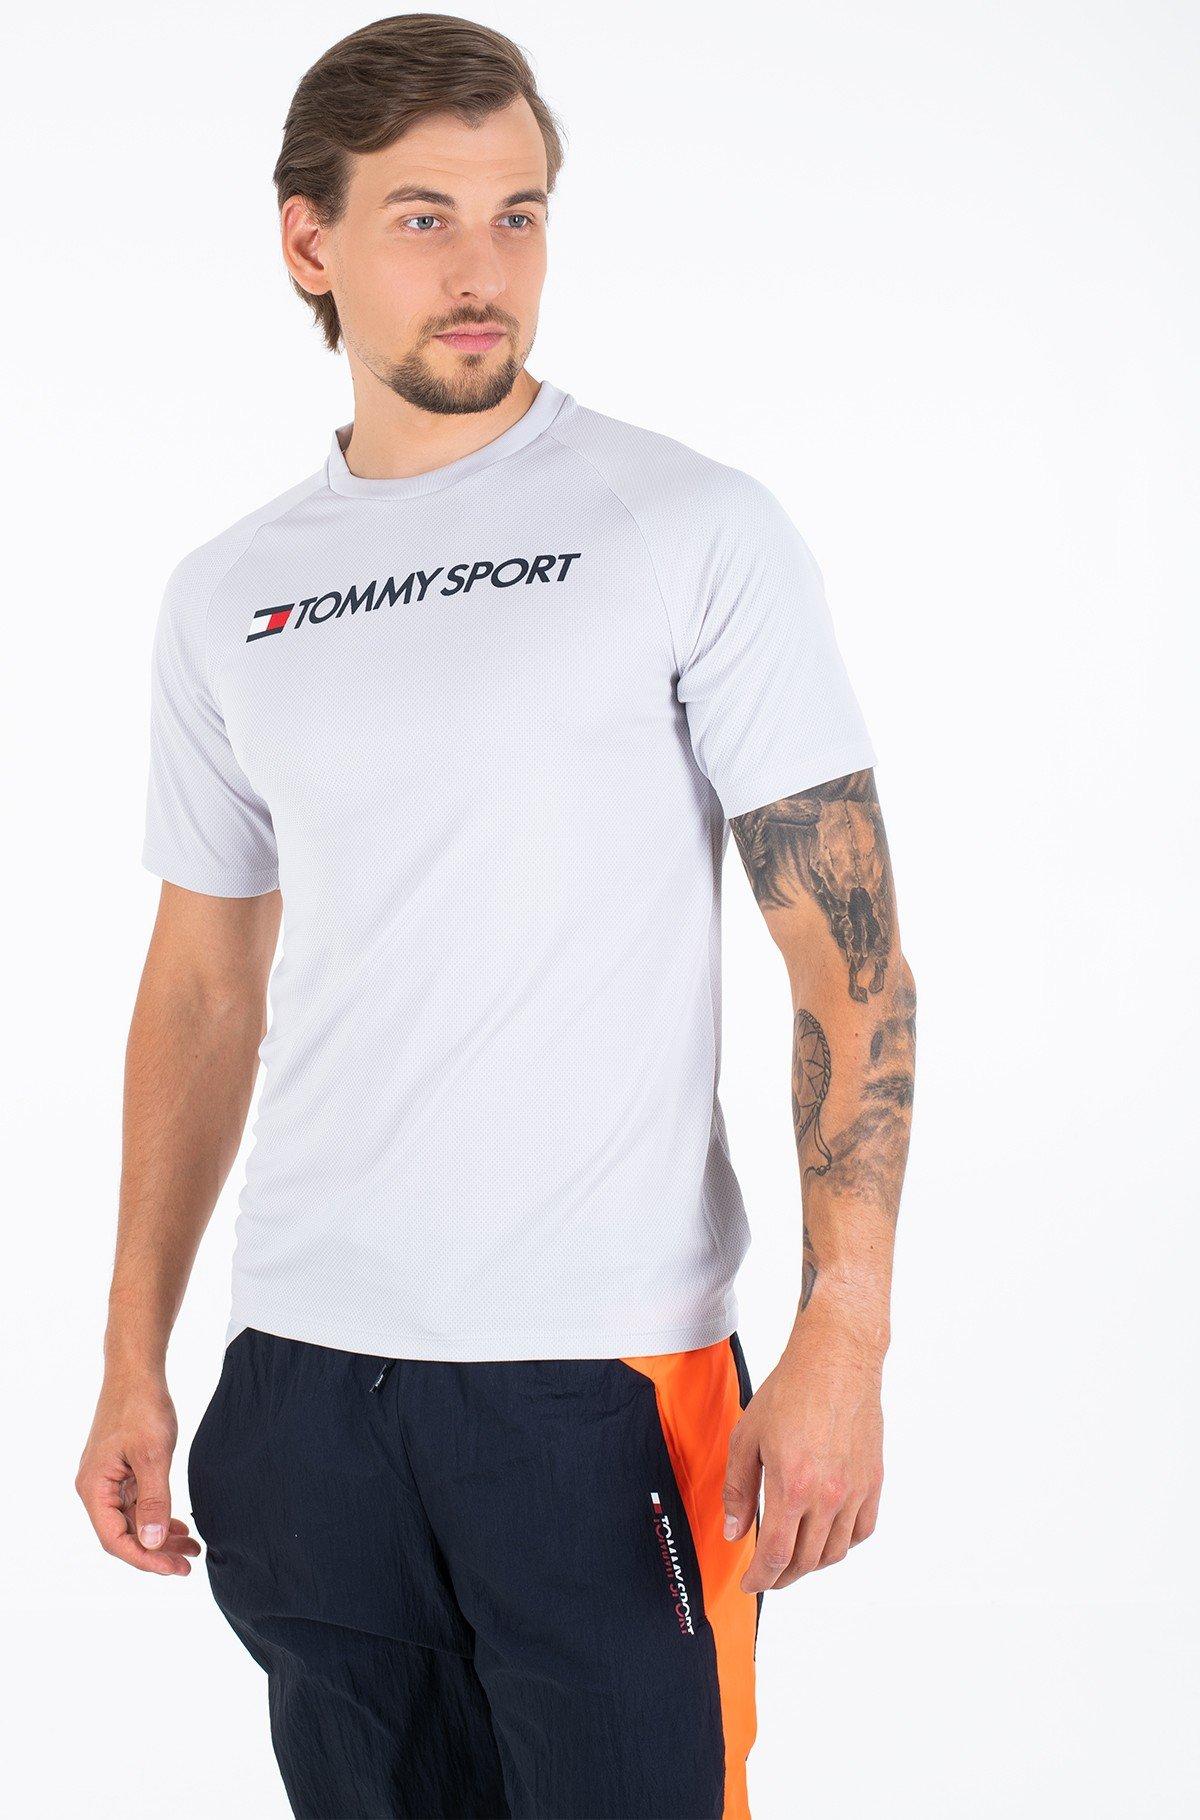 Sportiniai marškinėliai TRAINING TOP MESH BACK LOGO-full-1